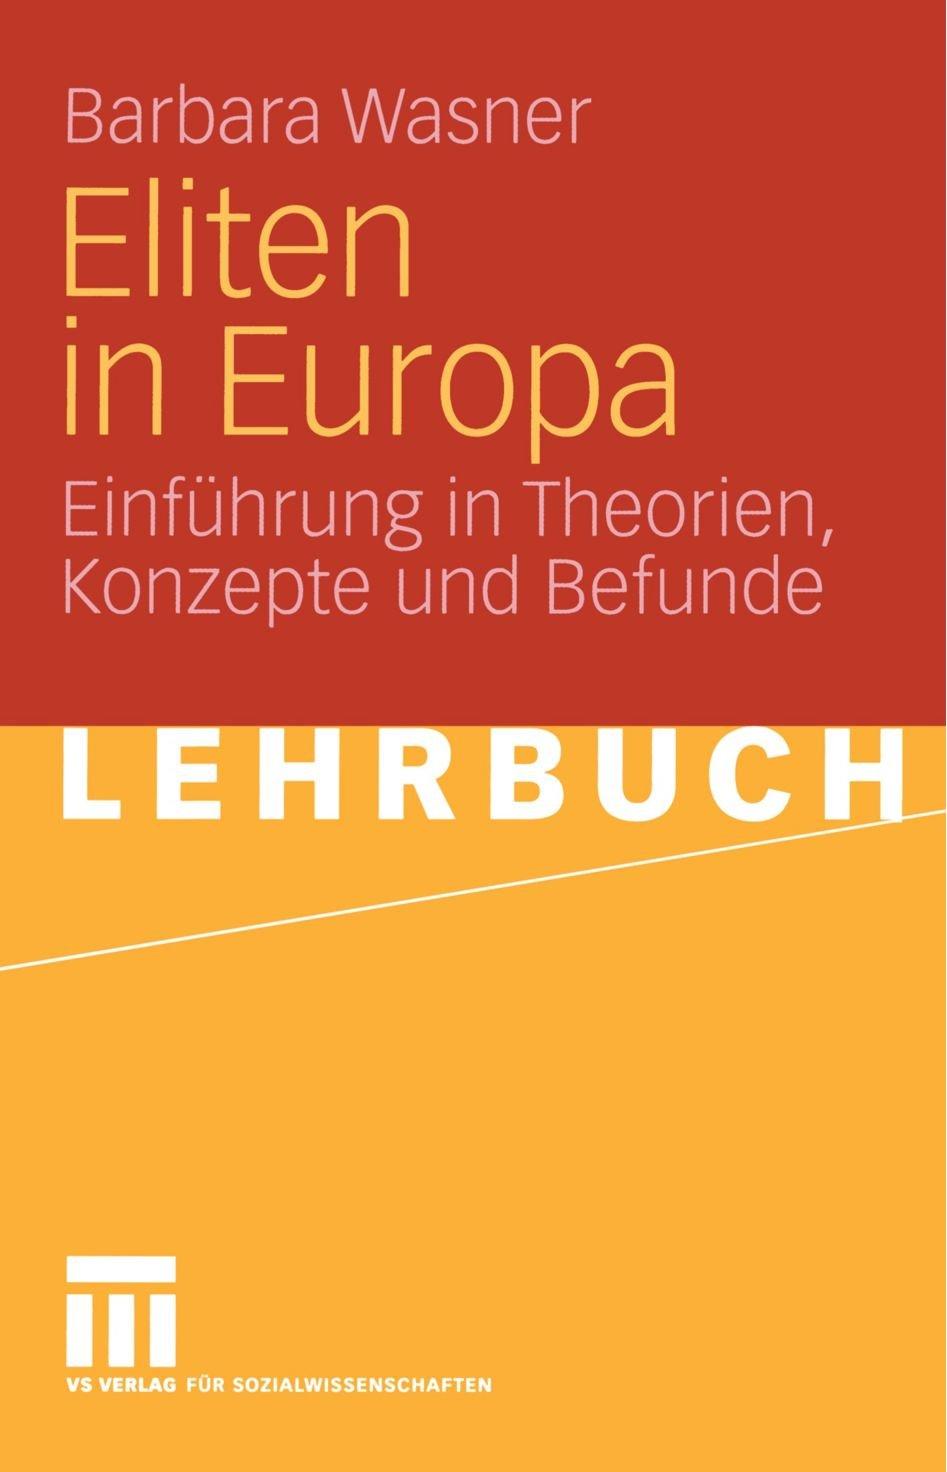 Eliten in Europa: Einführung in Theorien, Konzepte und Befunde (German Edition)